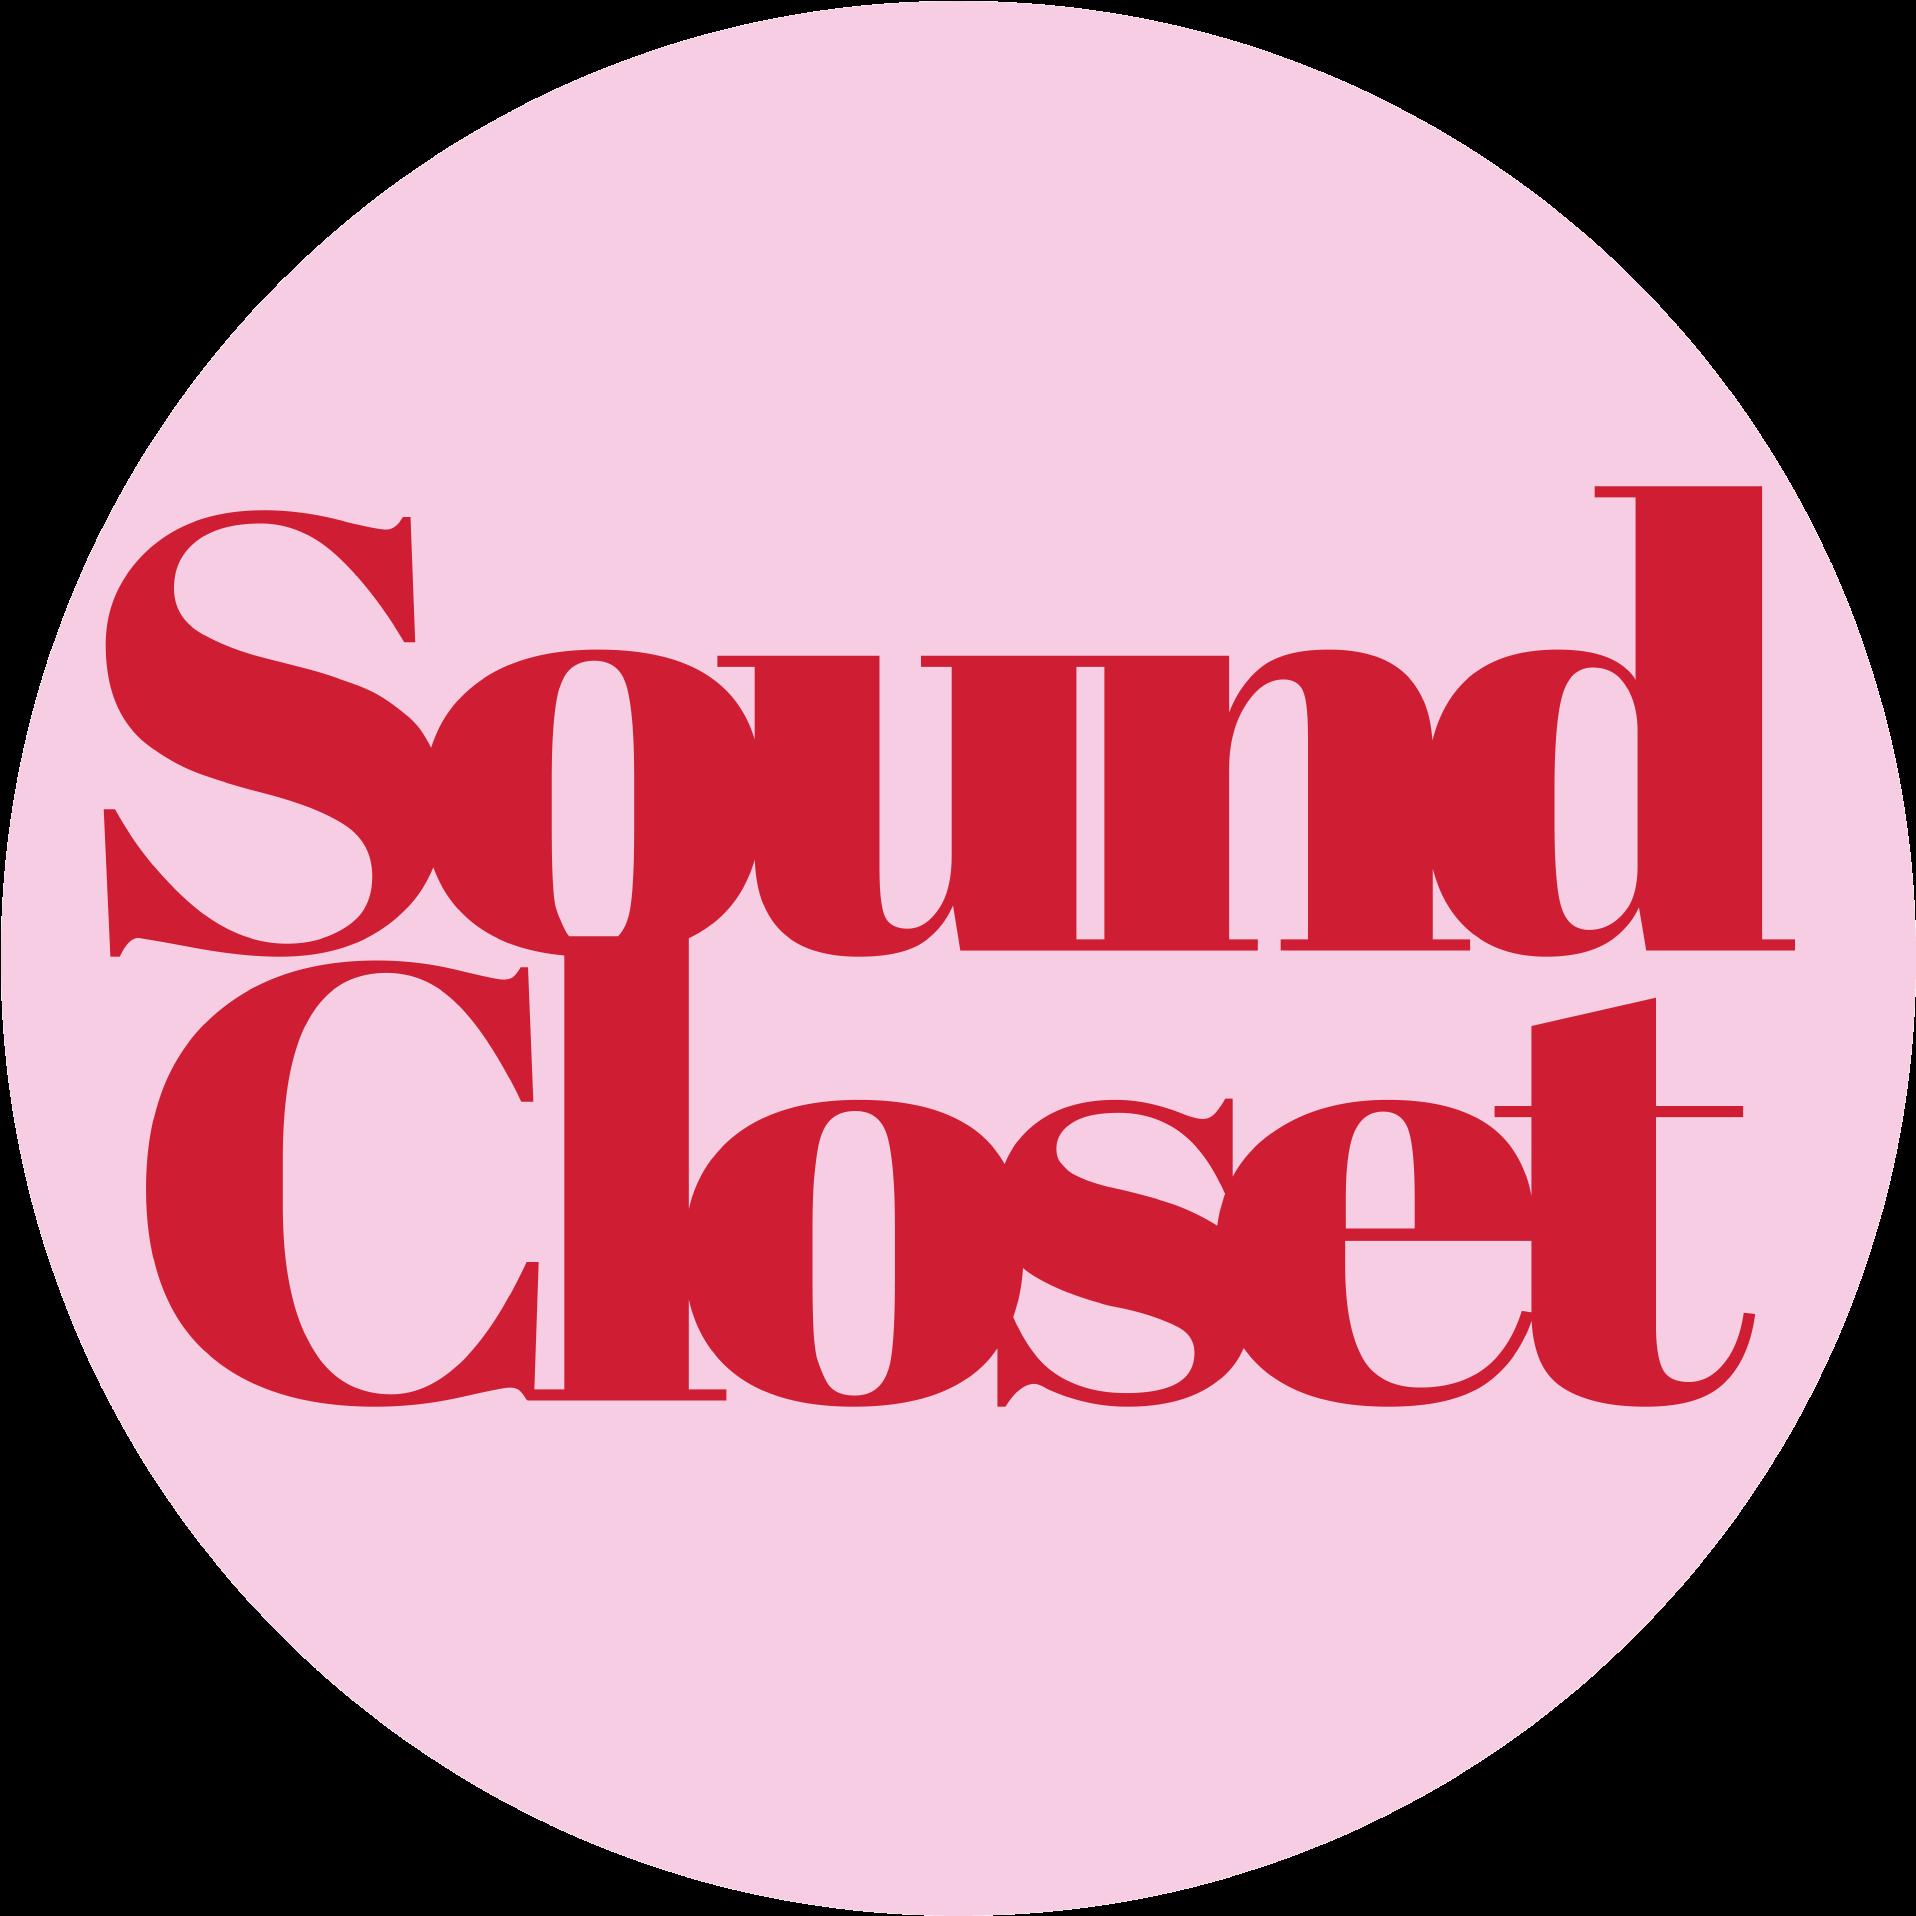 Sound Closet